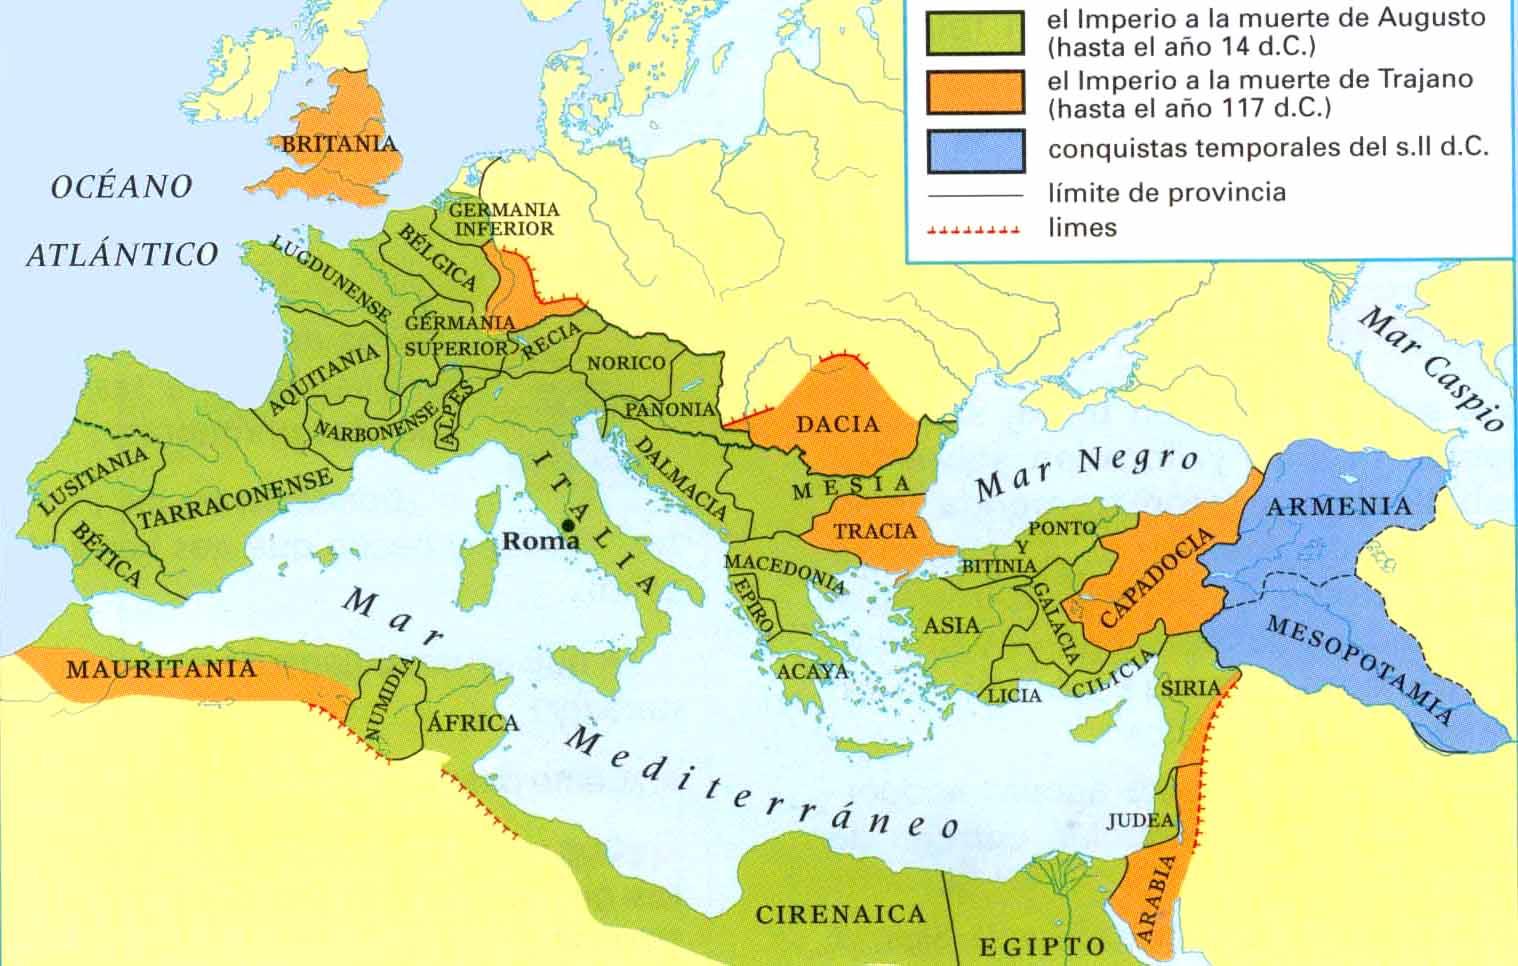 mapa de roma antigua la gr cia i roma antiga